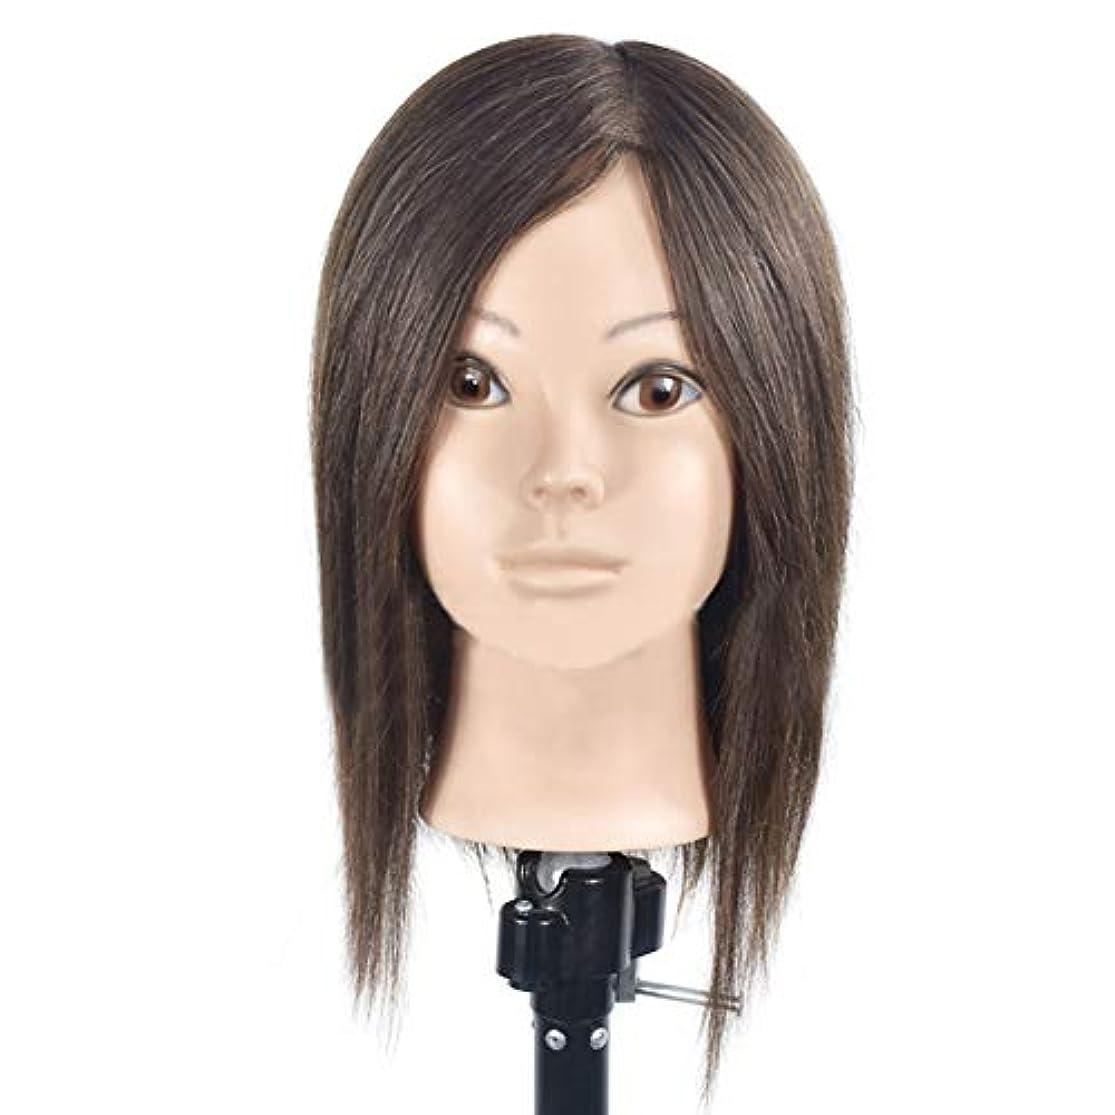 によって大砲続ける本物の人間の髪のかつらの頭の金型の理髪の髪型のスタイリングマネキンの頭の理髪店の練習の練習ダミーヘッド